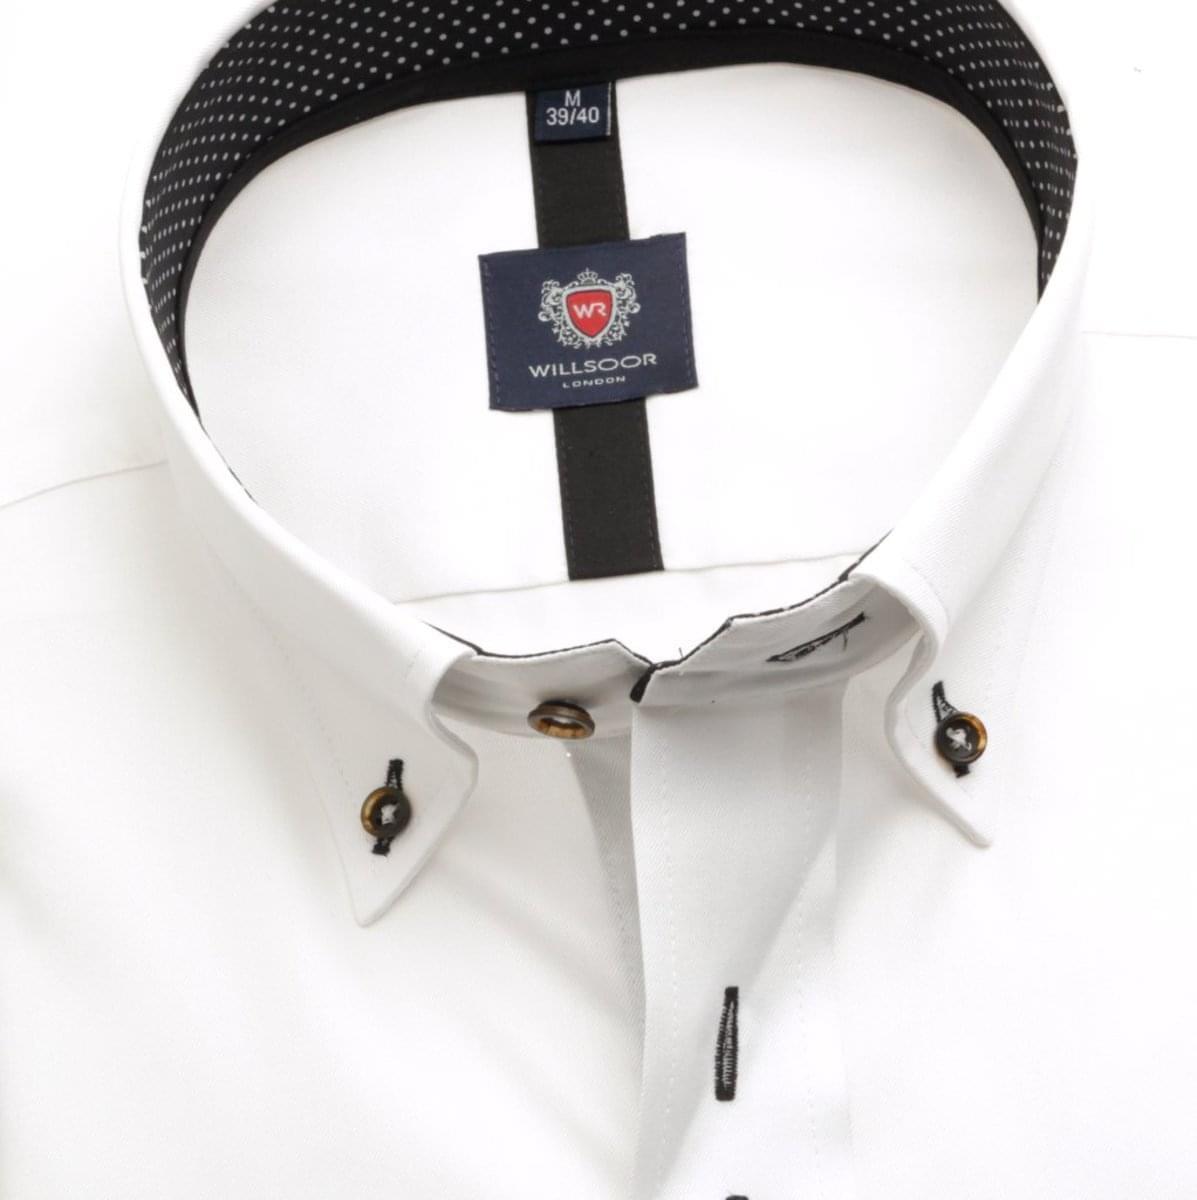 Pánská košile London v bílé barvě (výška 176-182) 5505 176-182 / XL (43/44)